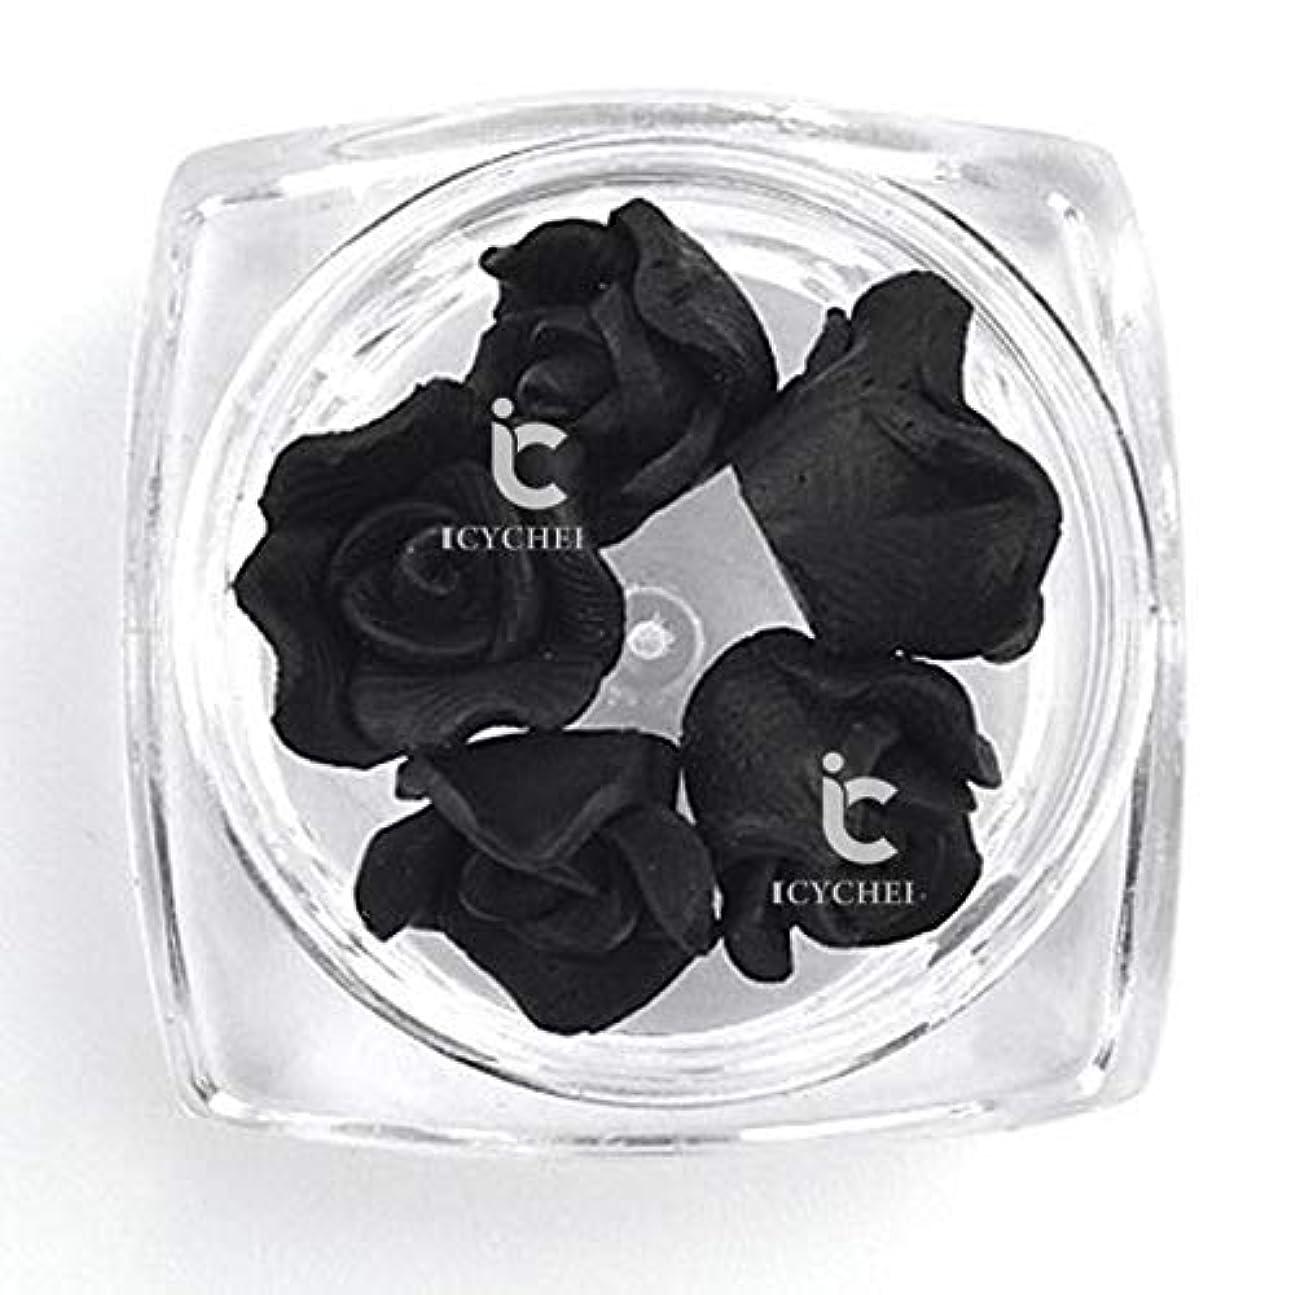 懐世紀台無しにICYCHEER 3D ネイルアートアクリルローズフラワー Diy の装飾スライス Uv ジェルネイルアートのヒント Diy のネイルアート accessoires (Black)